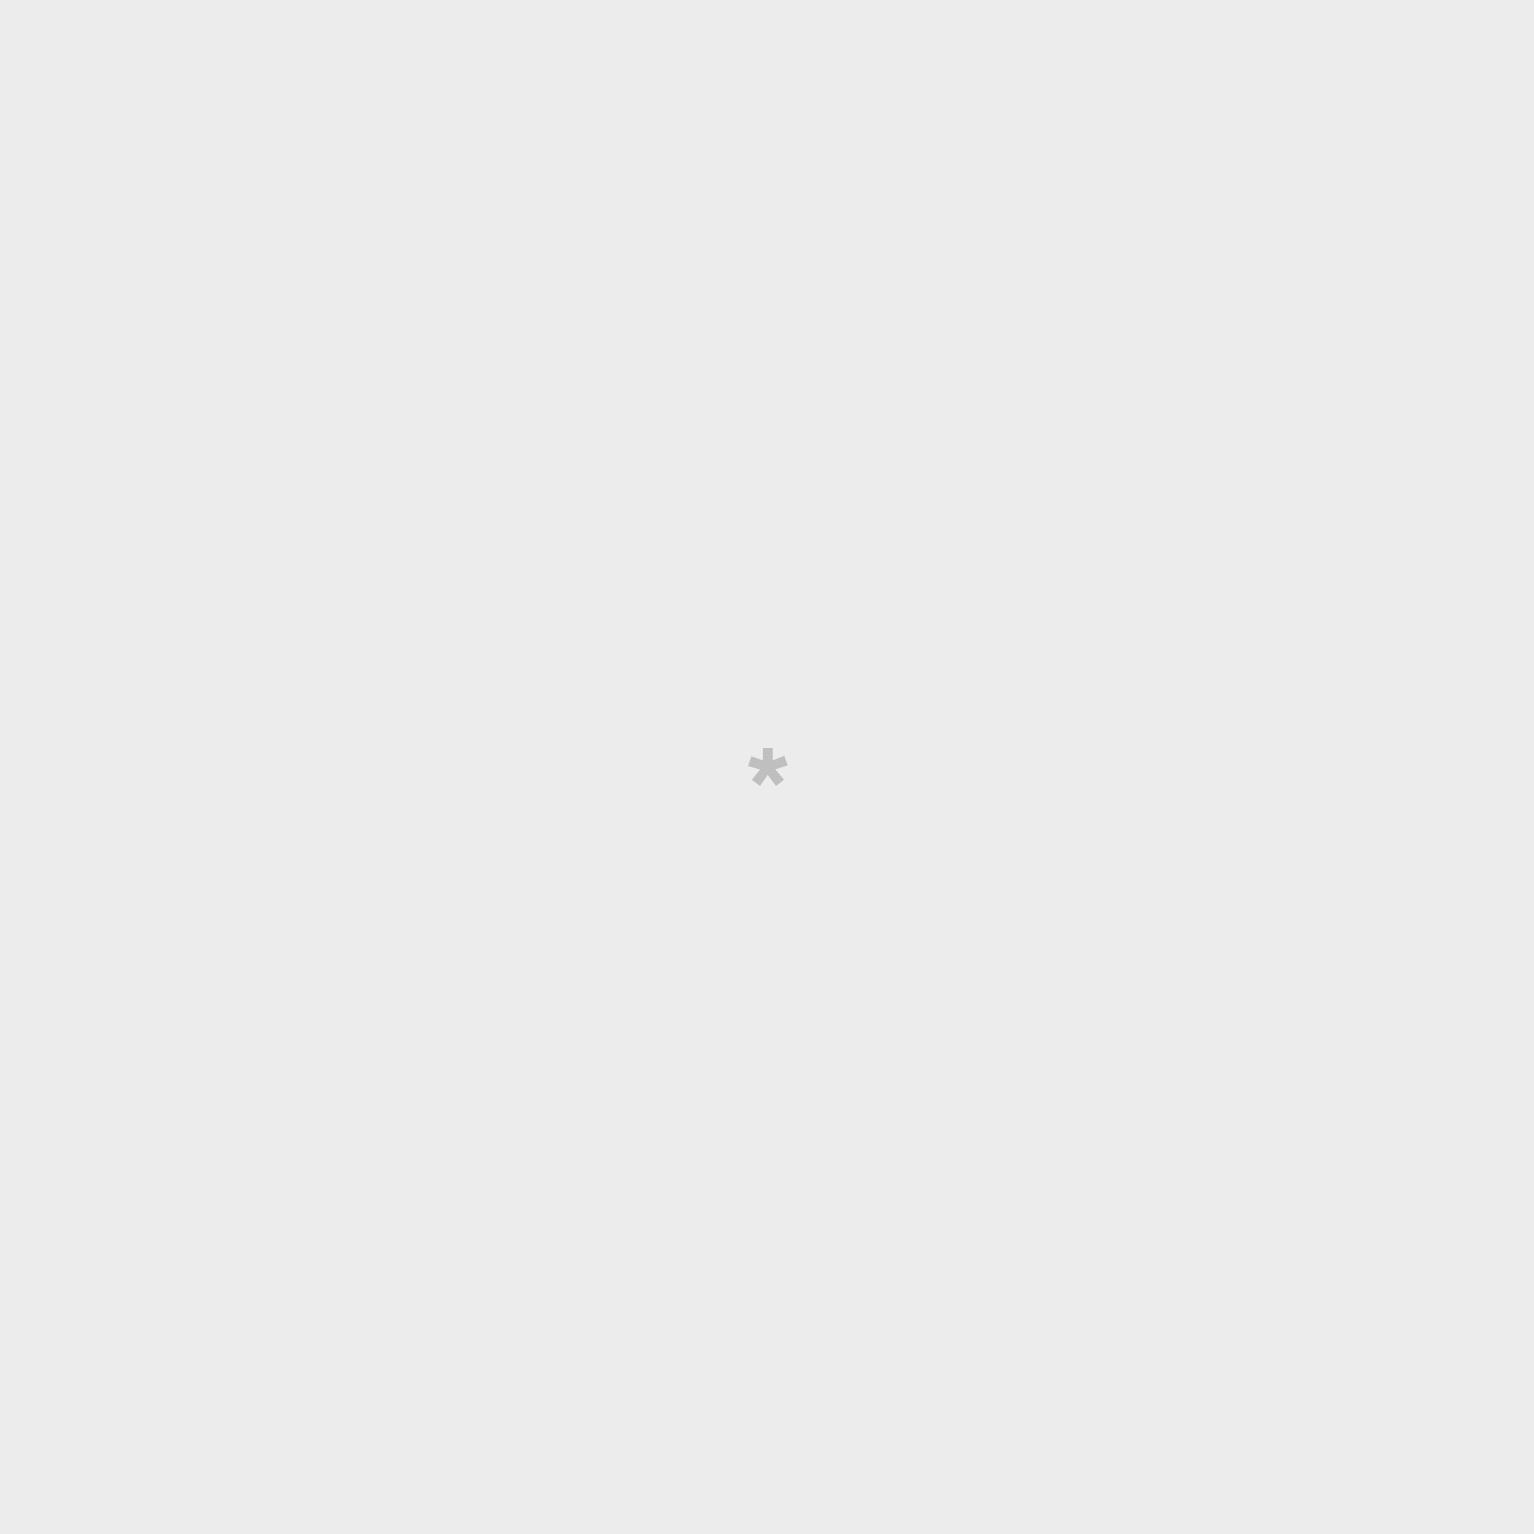 Álbum de fotos rosa - O meu primeiro aninho no mundo